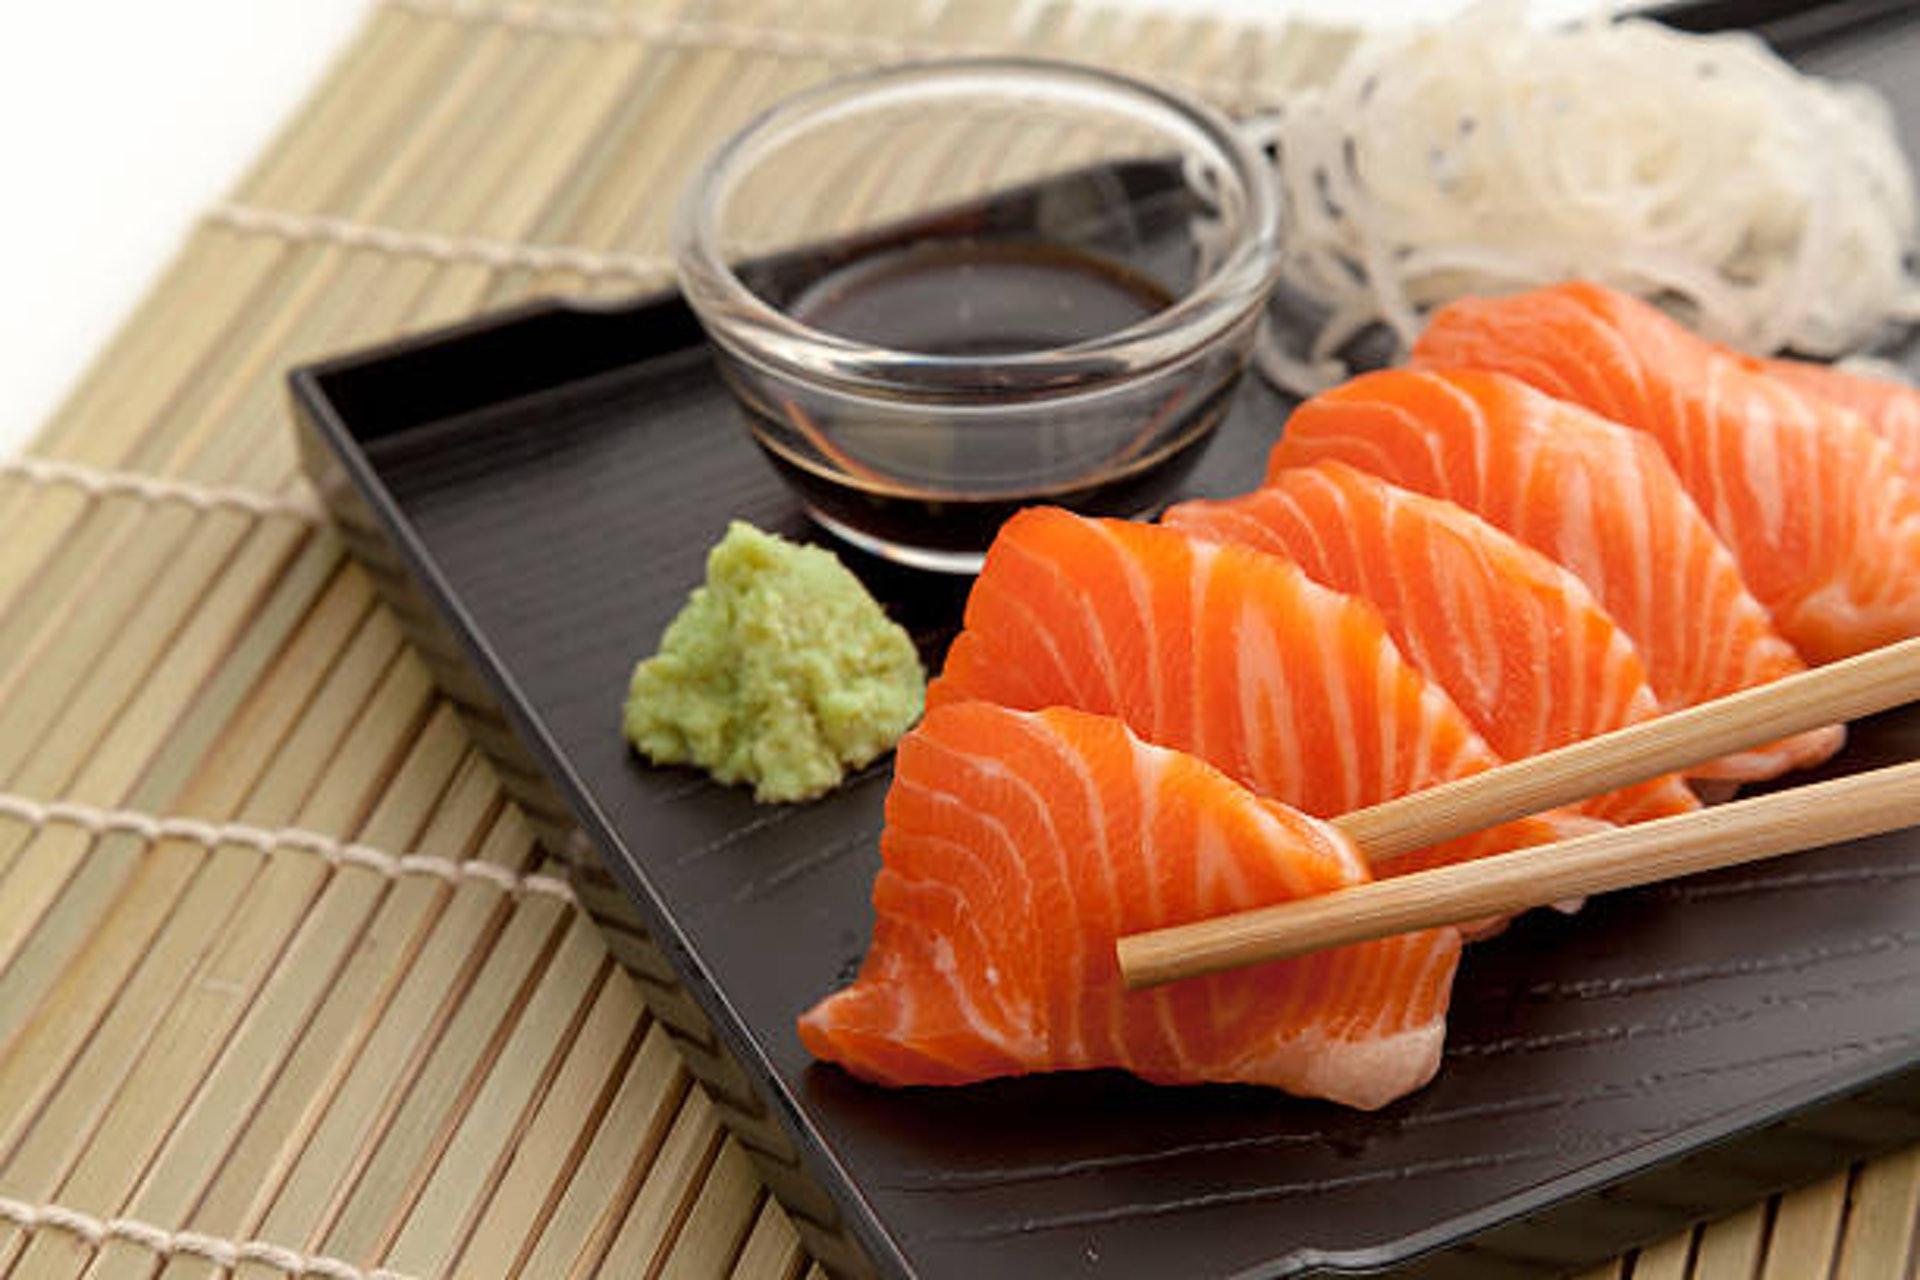 陽虛的人須少食生冷食物,如魚生等。(圖片:Freepik)